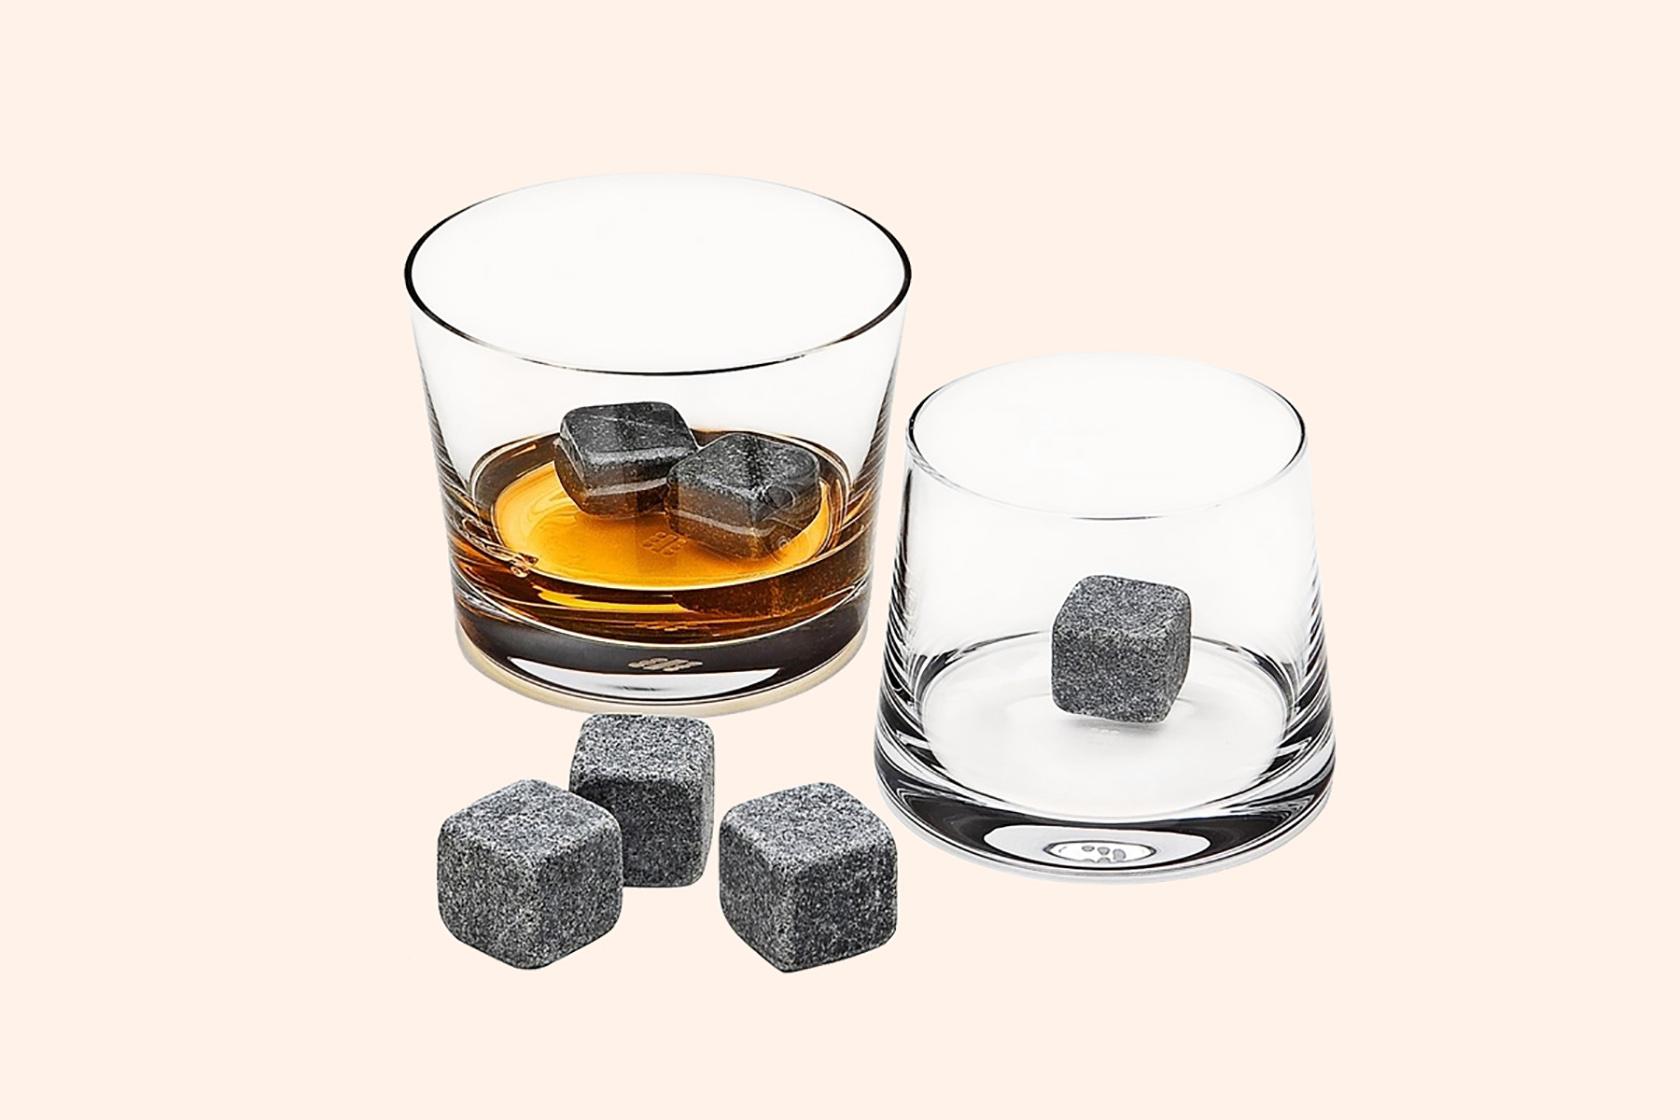 Камені для віскі додають в склянку з плоским дном